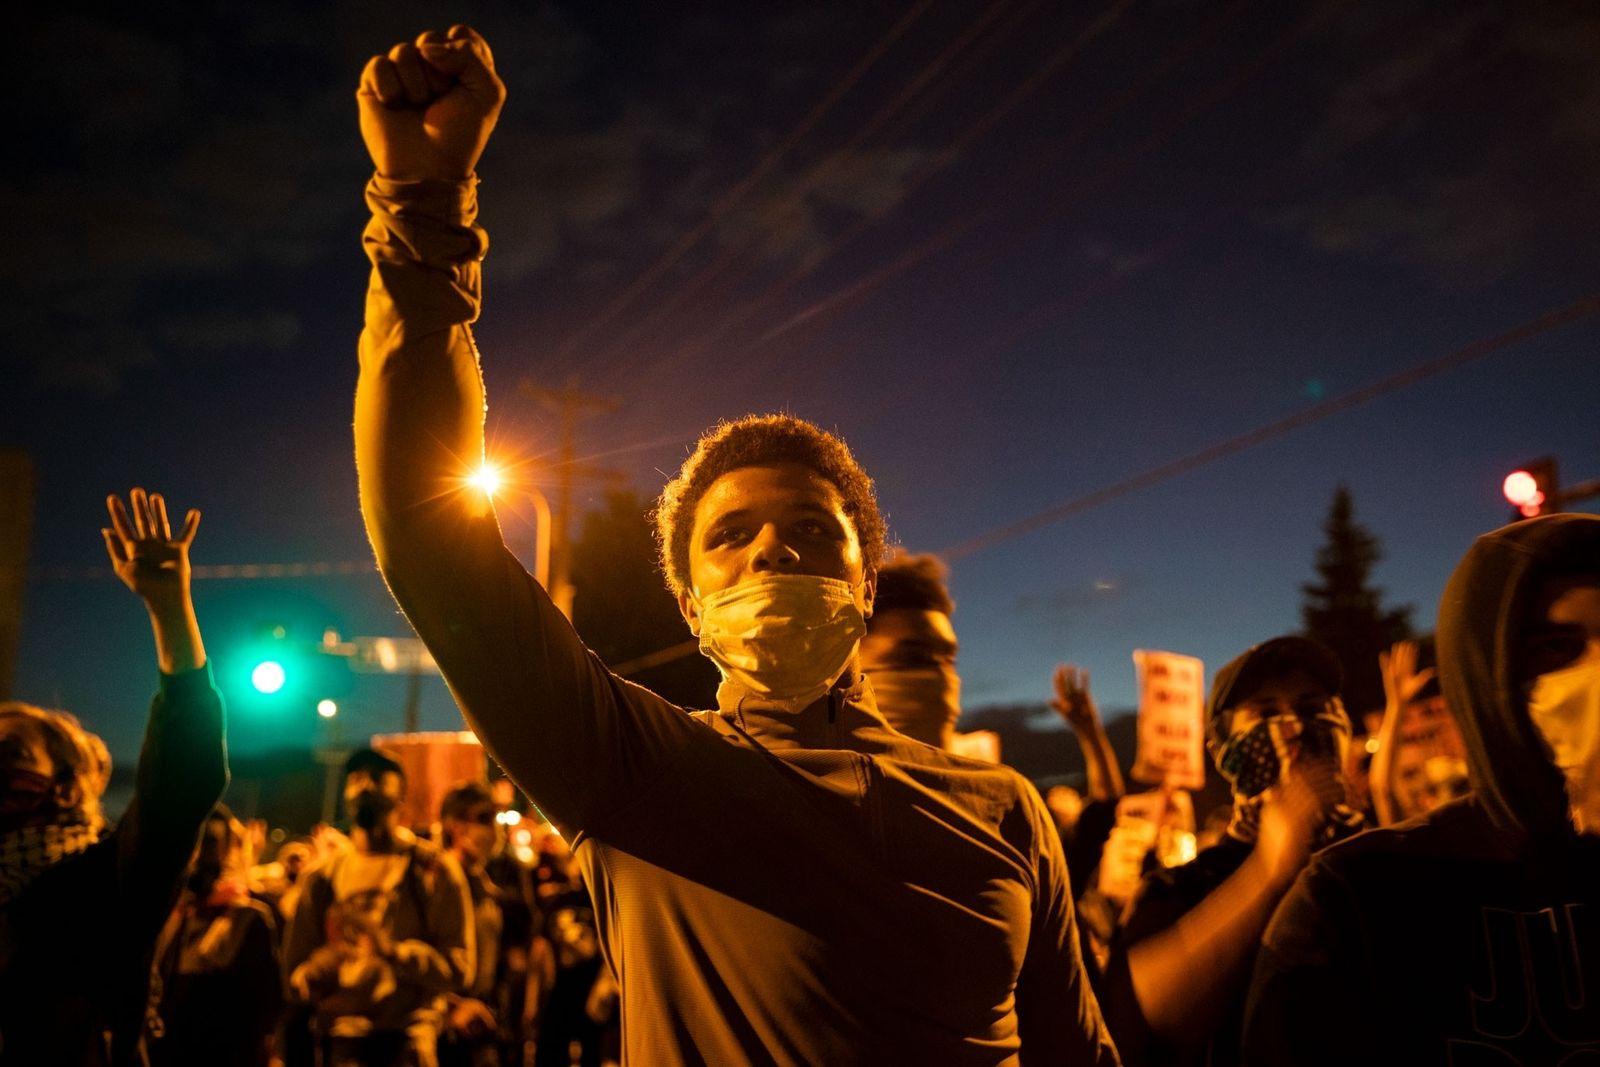 'Estamos a Sofrer, Estamos a Sofrer' – Mágoa e Revolta em Minneapolis